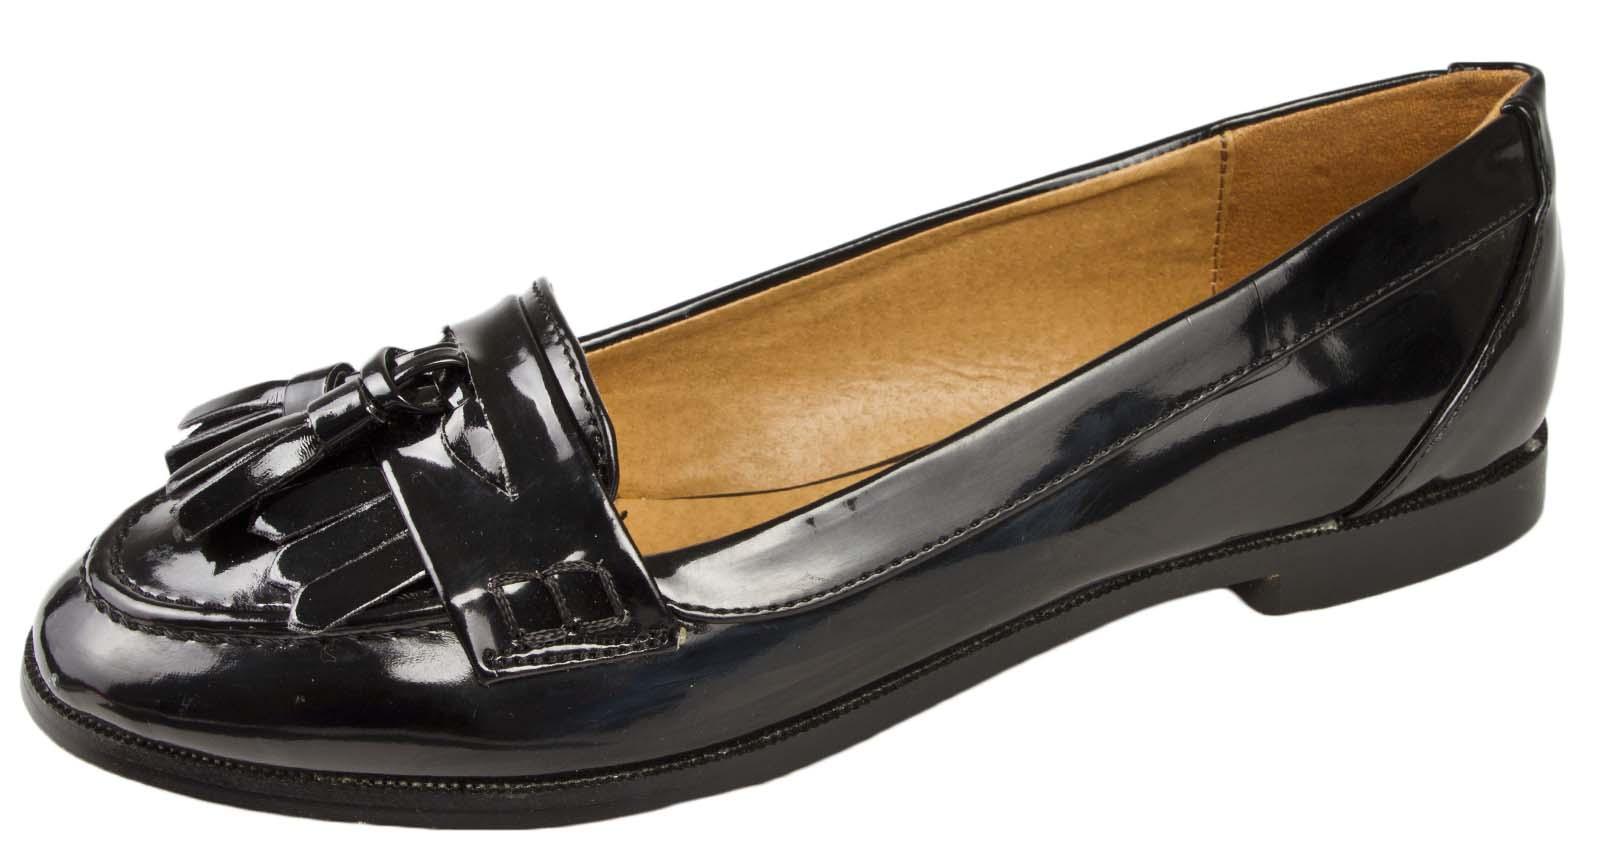 664913458aa Girls Womens Black Tassel Loafers Faux Leather School Shoes Work ...